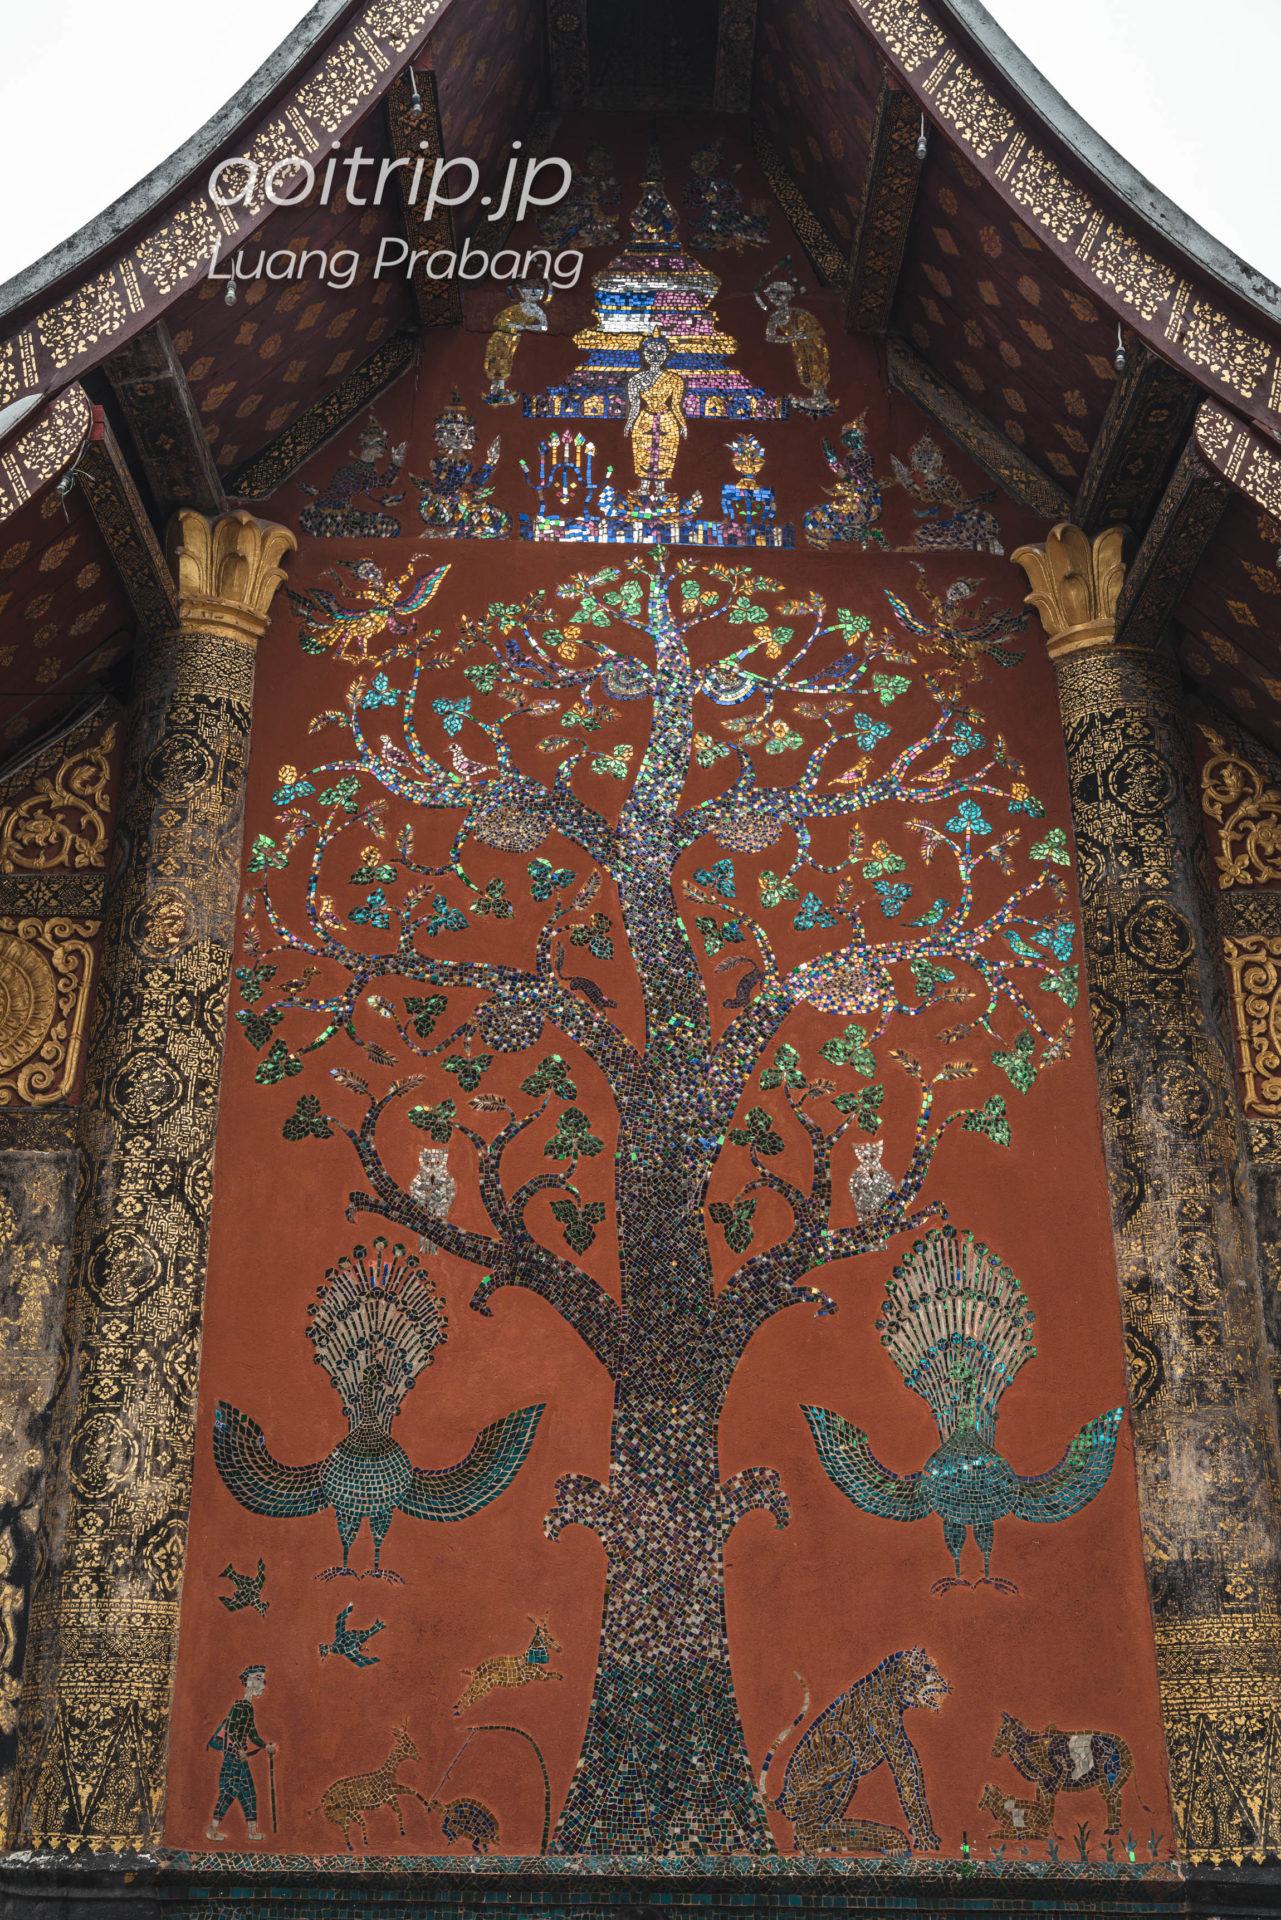 ワットシェントーンのモザイク壁画「マイトーン」